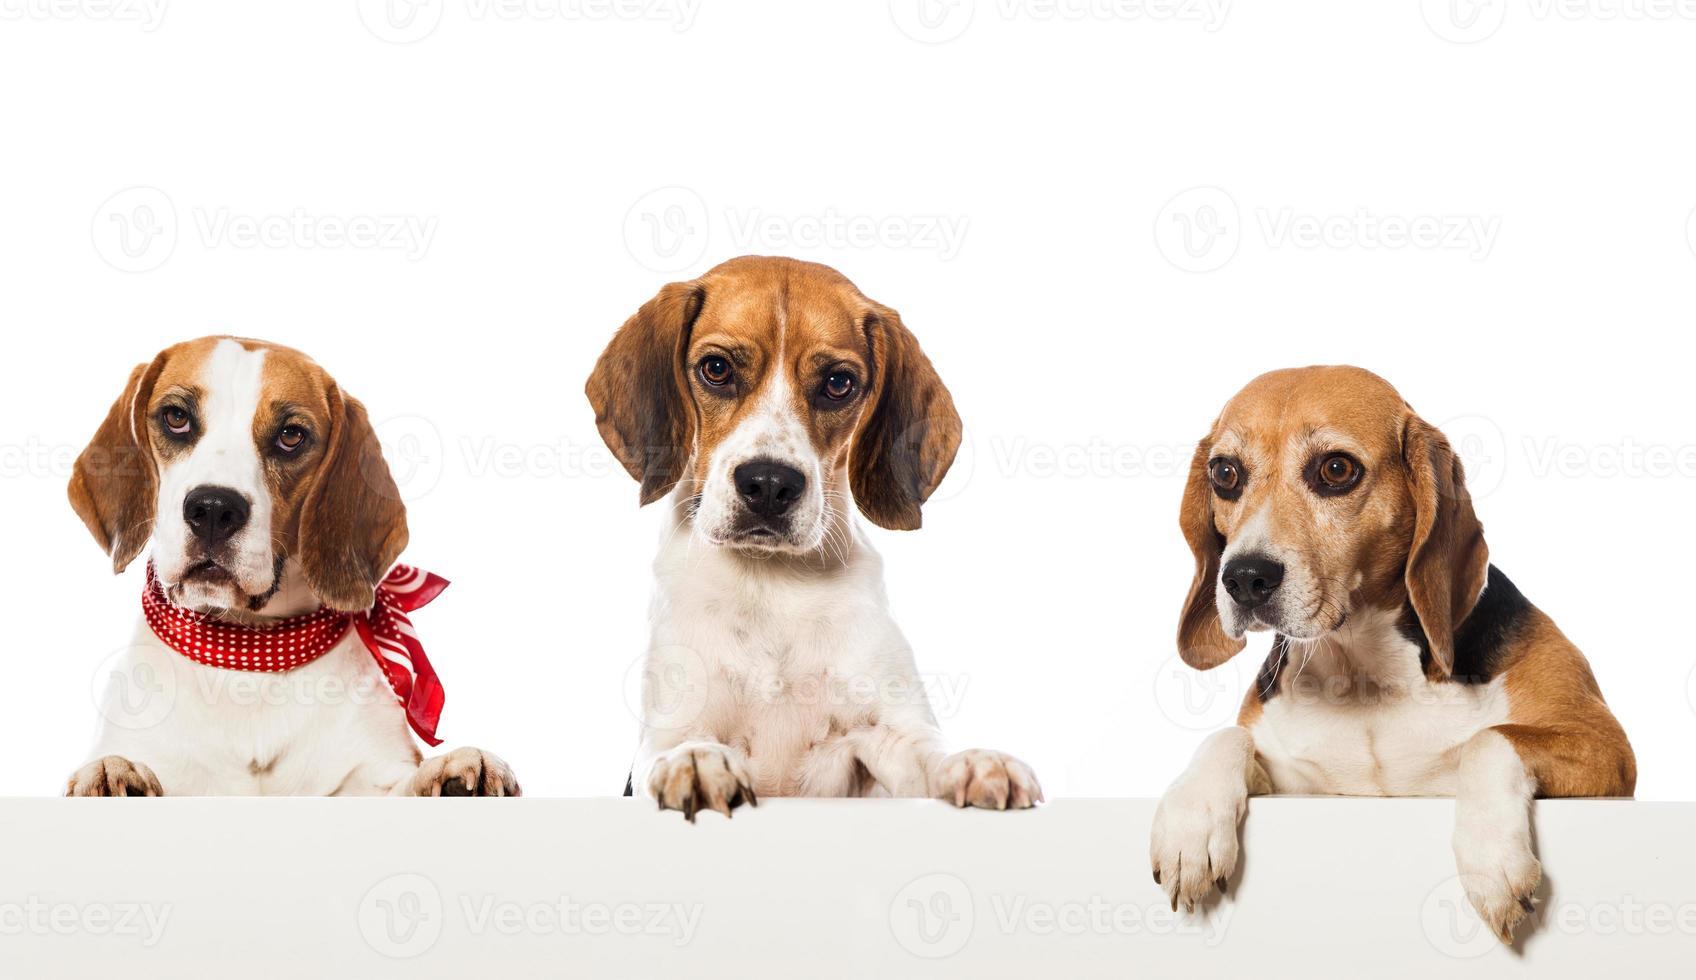 trois beagles photo